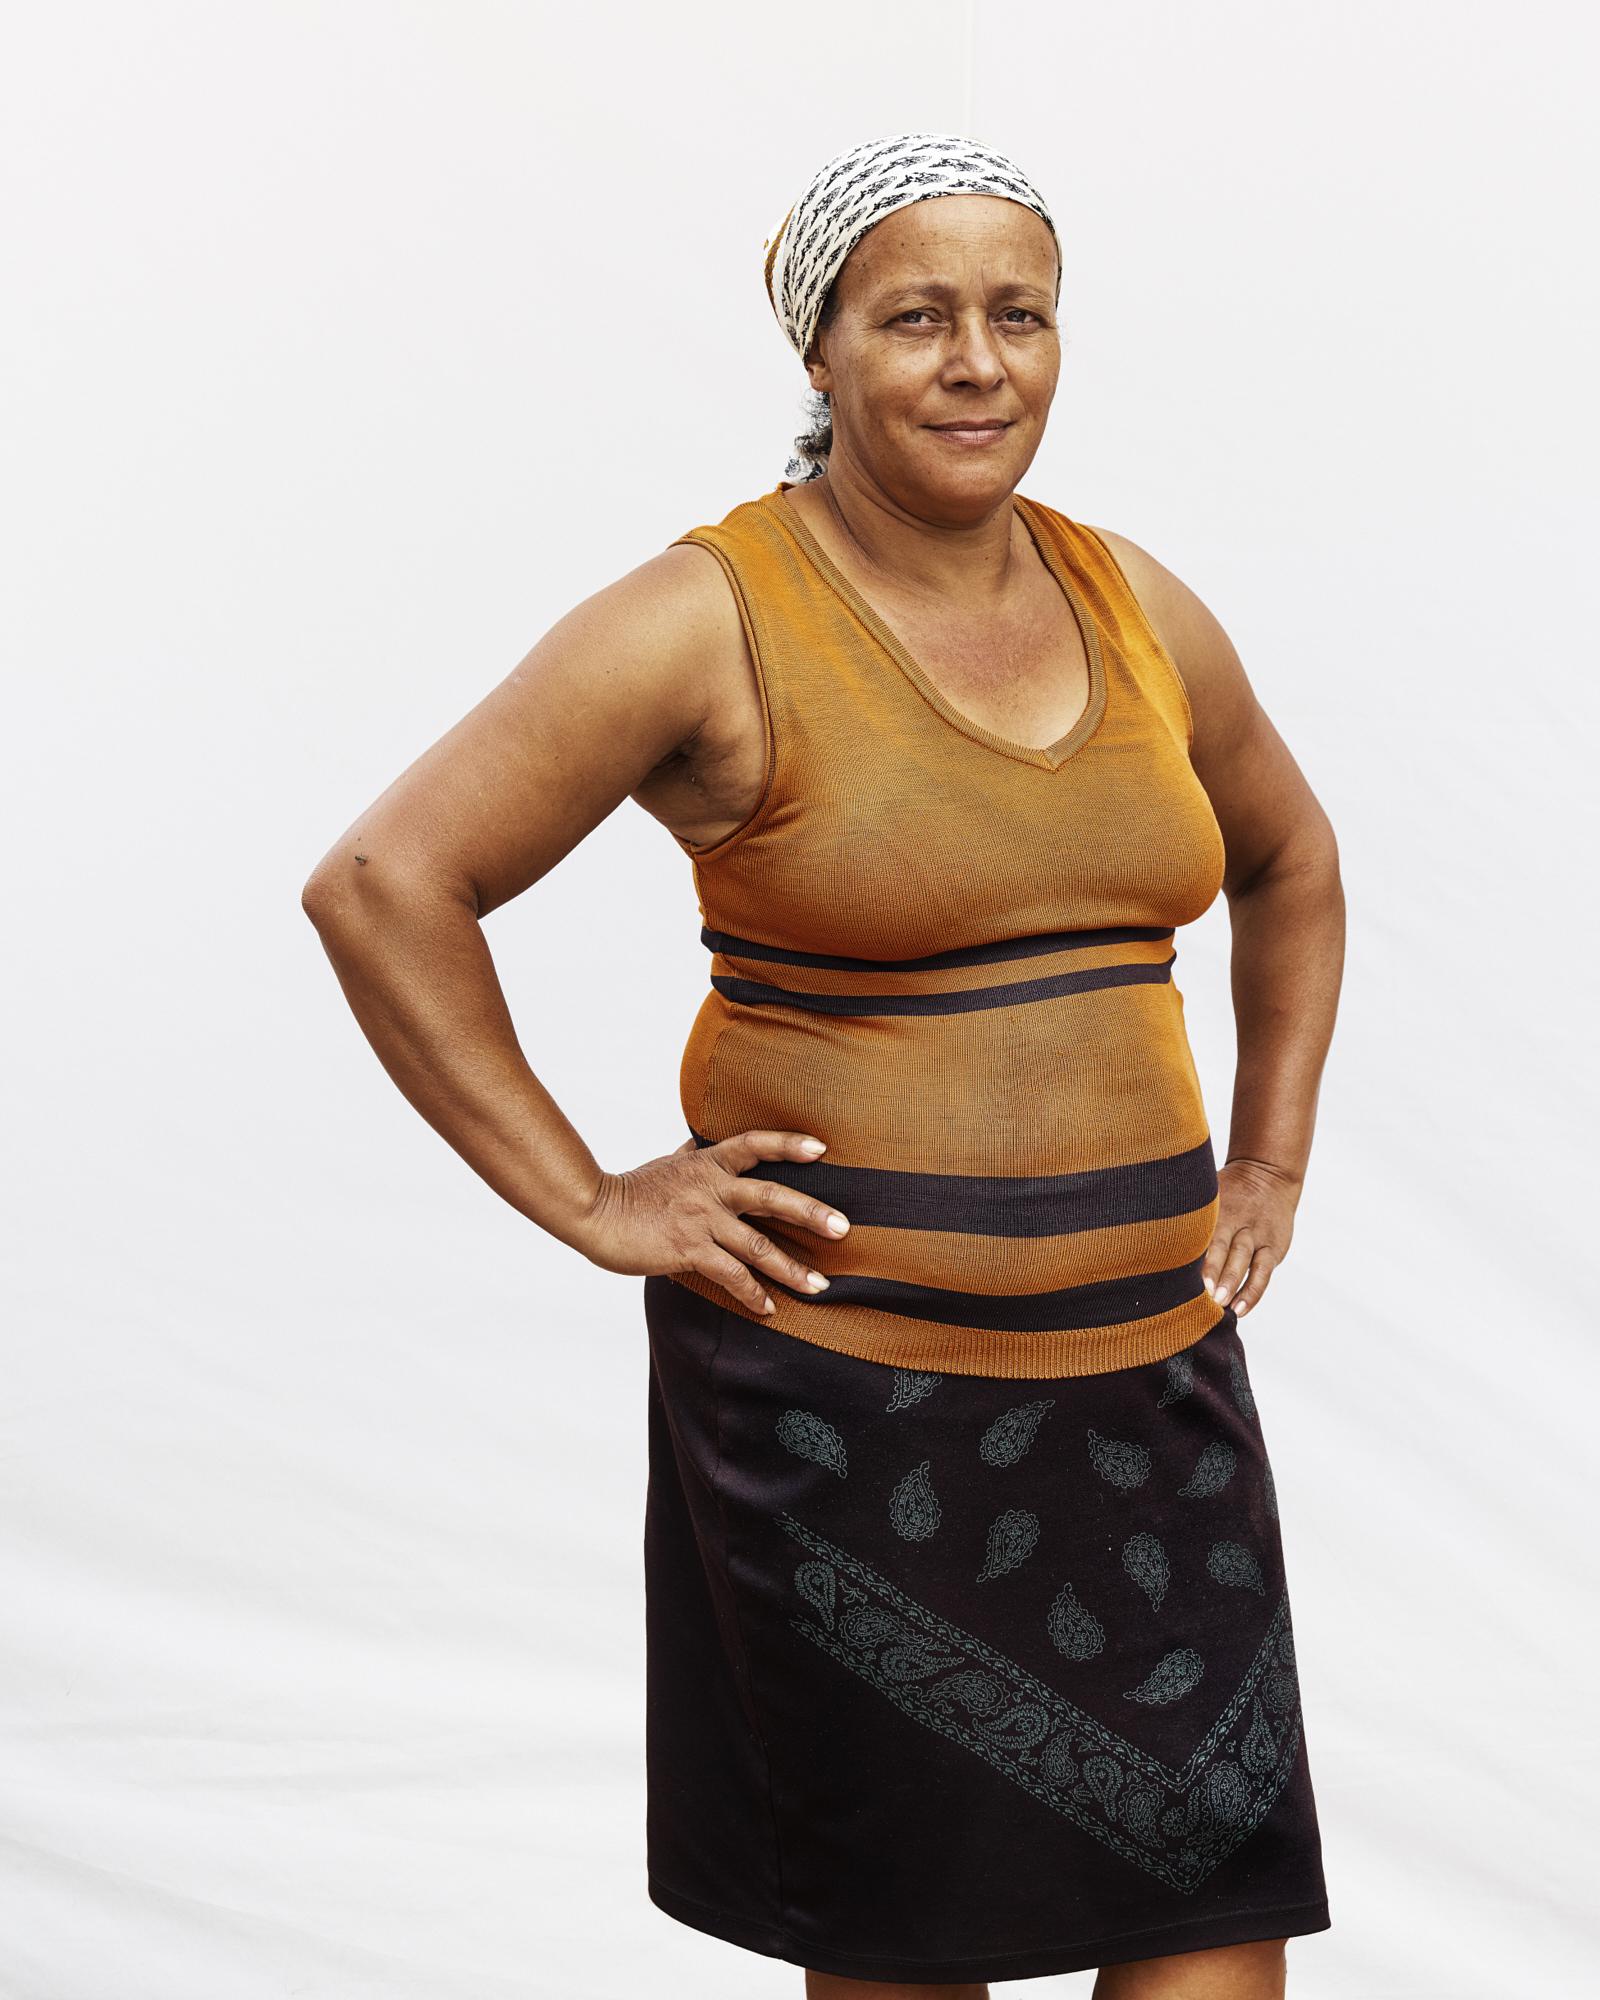 Marilande Pereira dos Santos